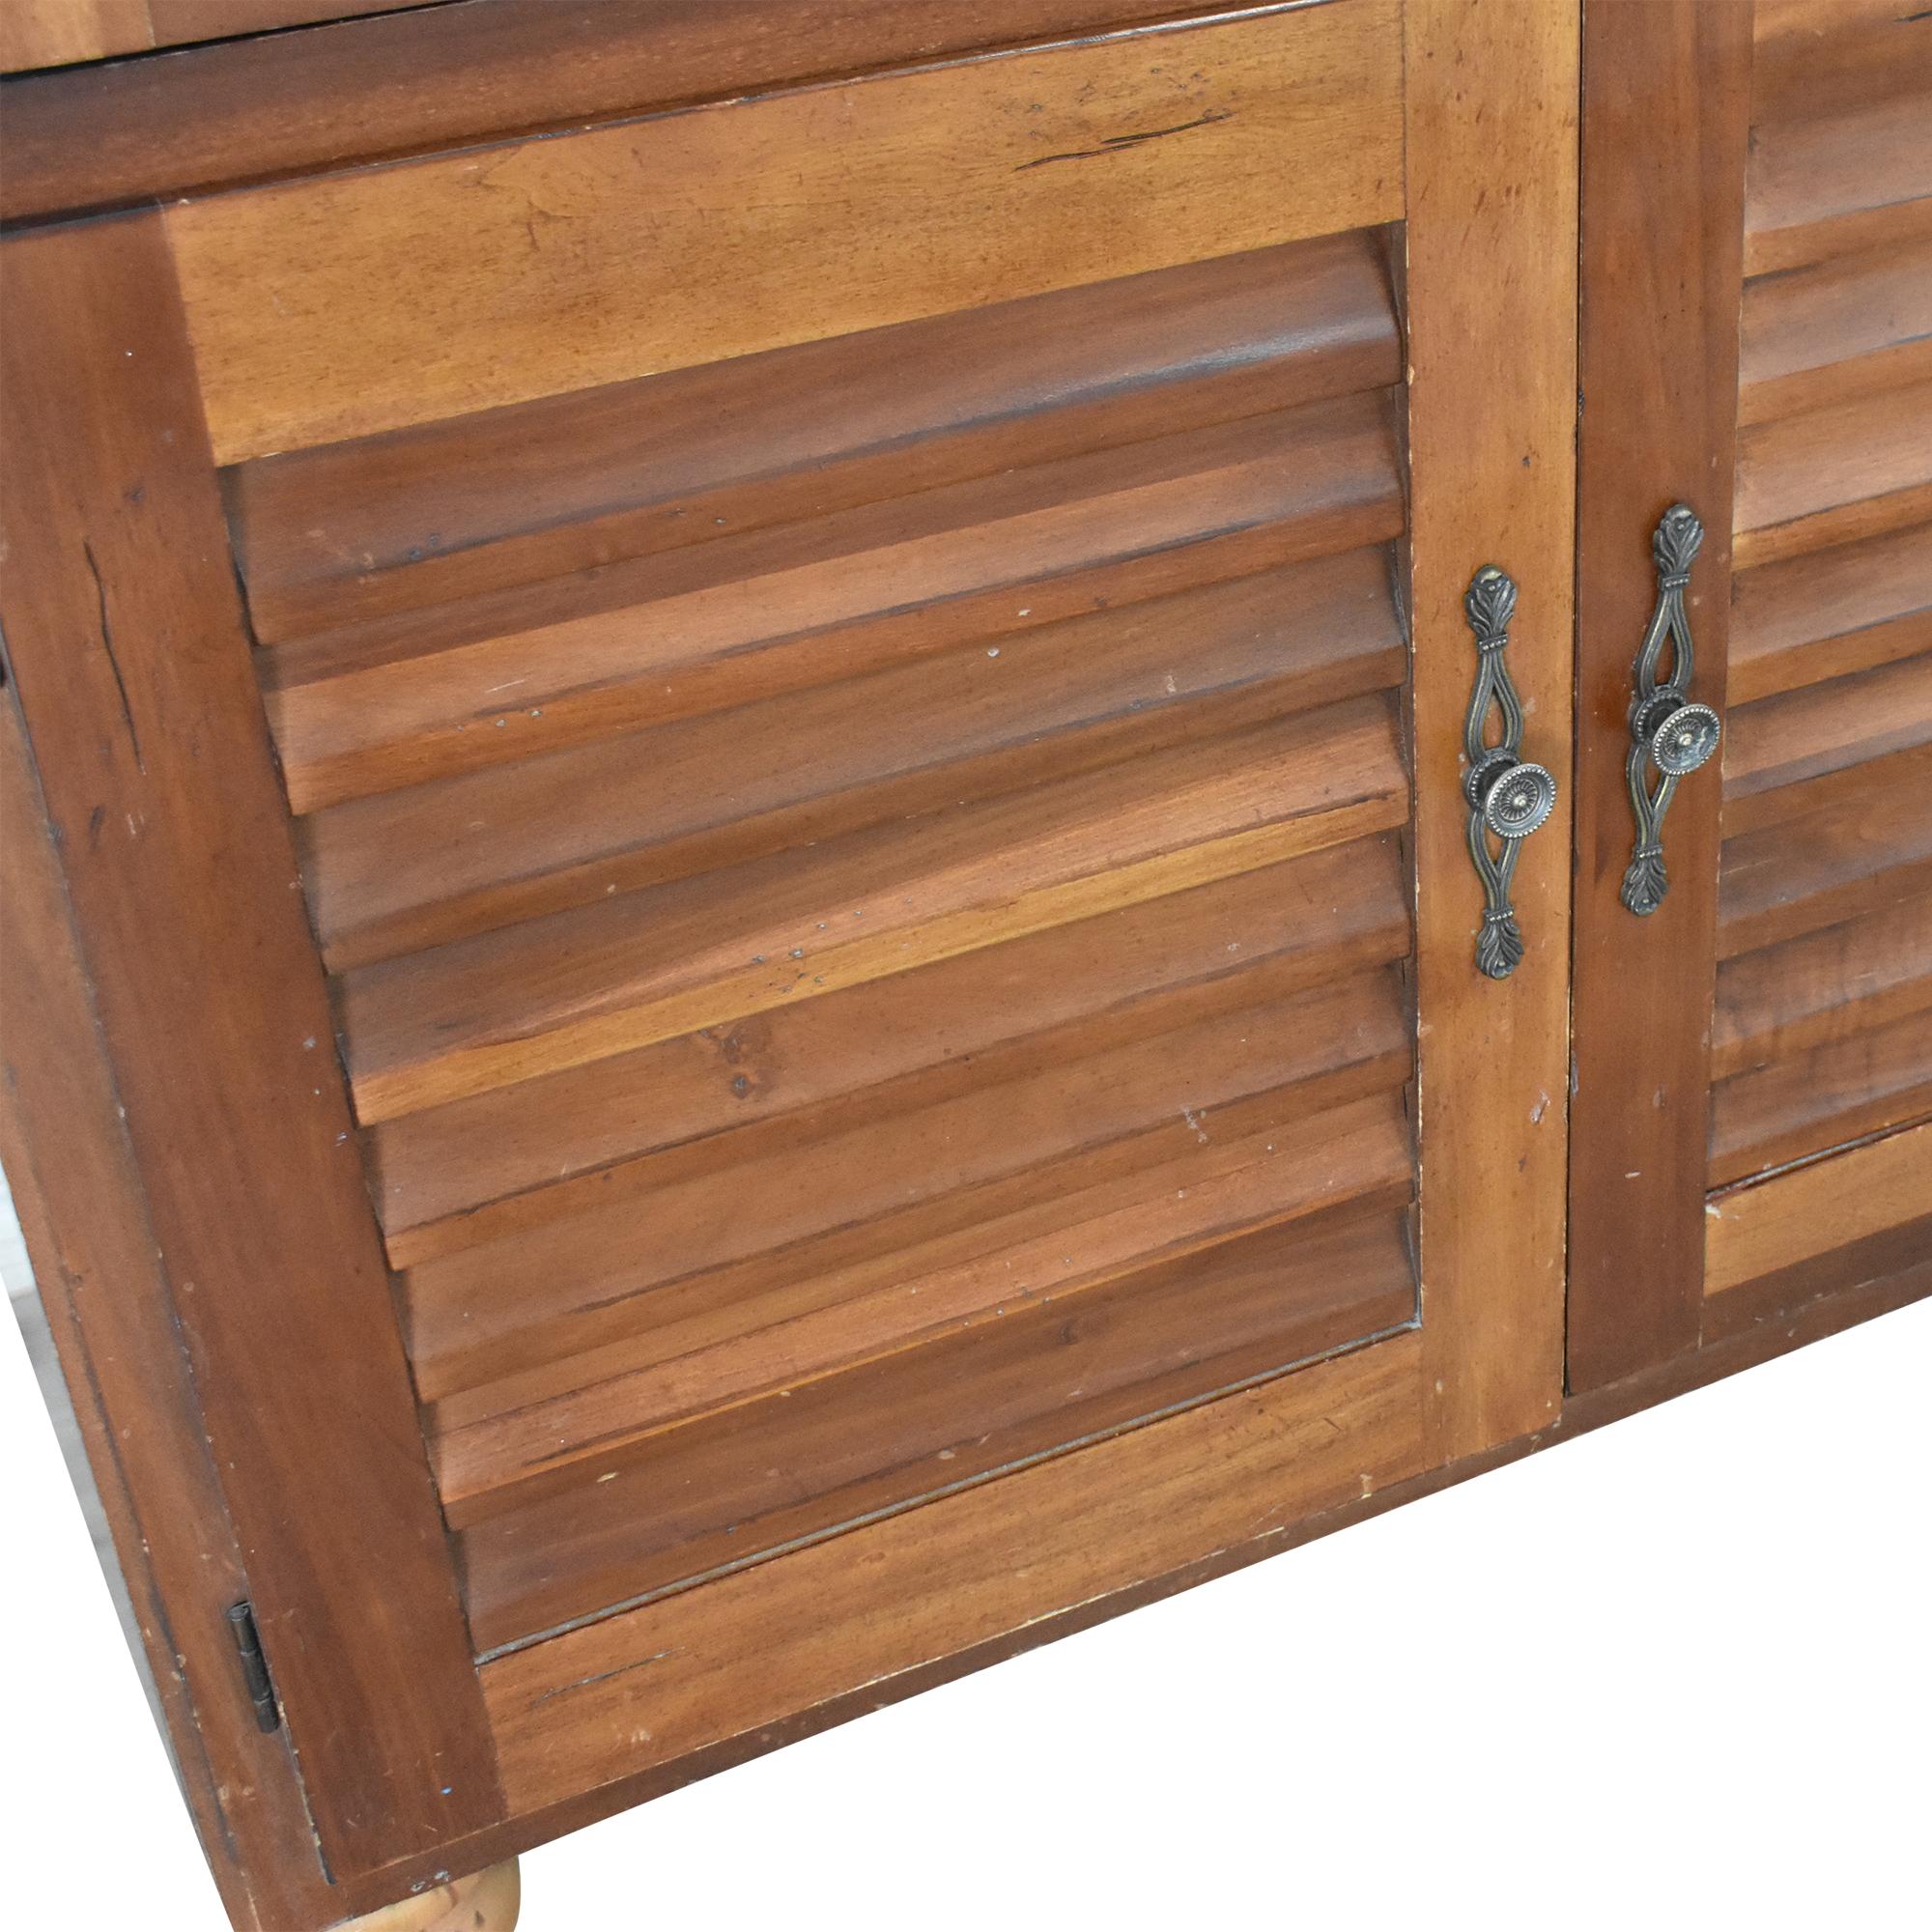 Riverside Furniture Riverside Furniture Media Armoire Wardrobes & Armoires